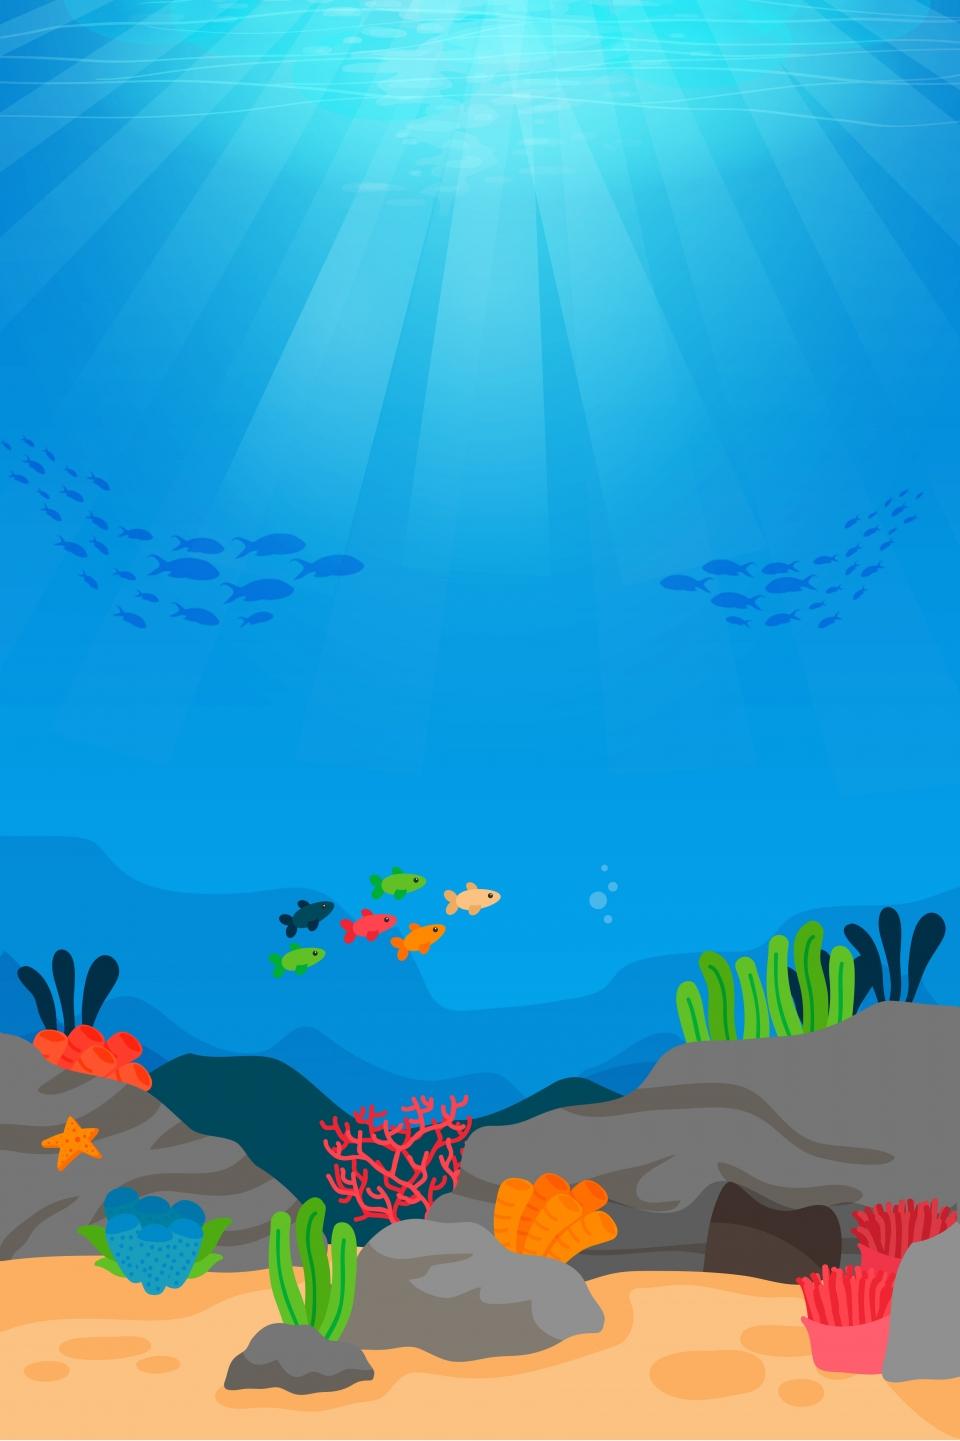 Gambar Templat Latar Belakang Dunia Bawah Laut Musim Panas Dunia Bawah Laut Musim Panas Yang Indah Hidupan Laut Ikan Laut Dalam Latar Belakang Untuk Muat Turun Percuma